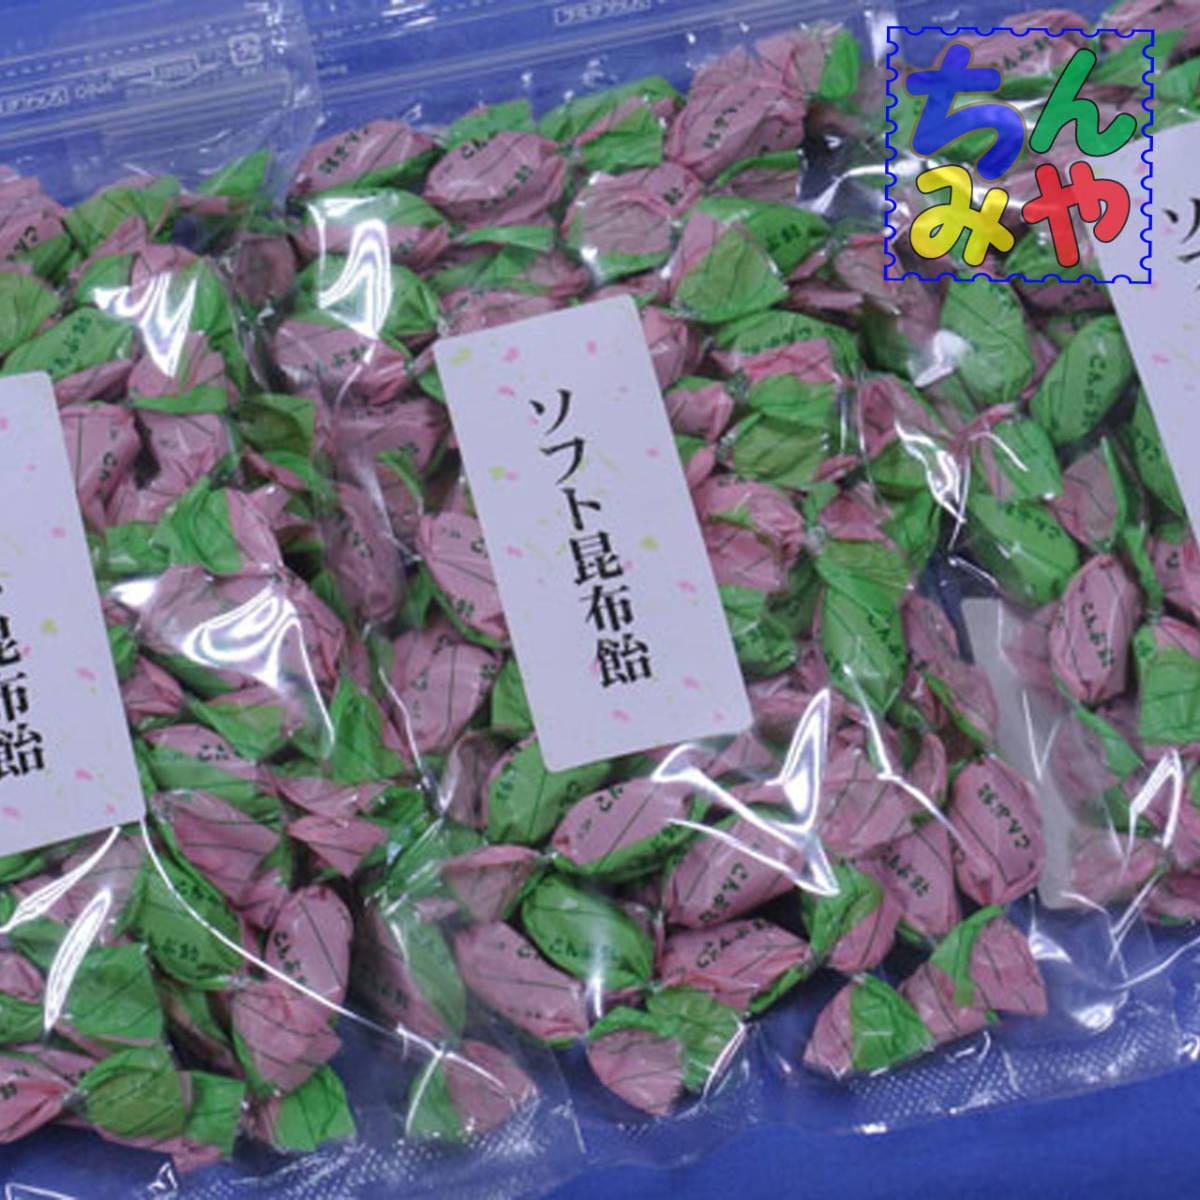 ソフトこんぶ飴(おまとめ250g×3P)オブラート包み、ひねり包装の柔らかなこんぶ飴♪美味しい昆布飴はこれ~【送料込】_画像1